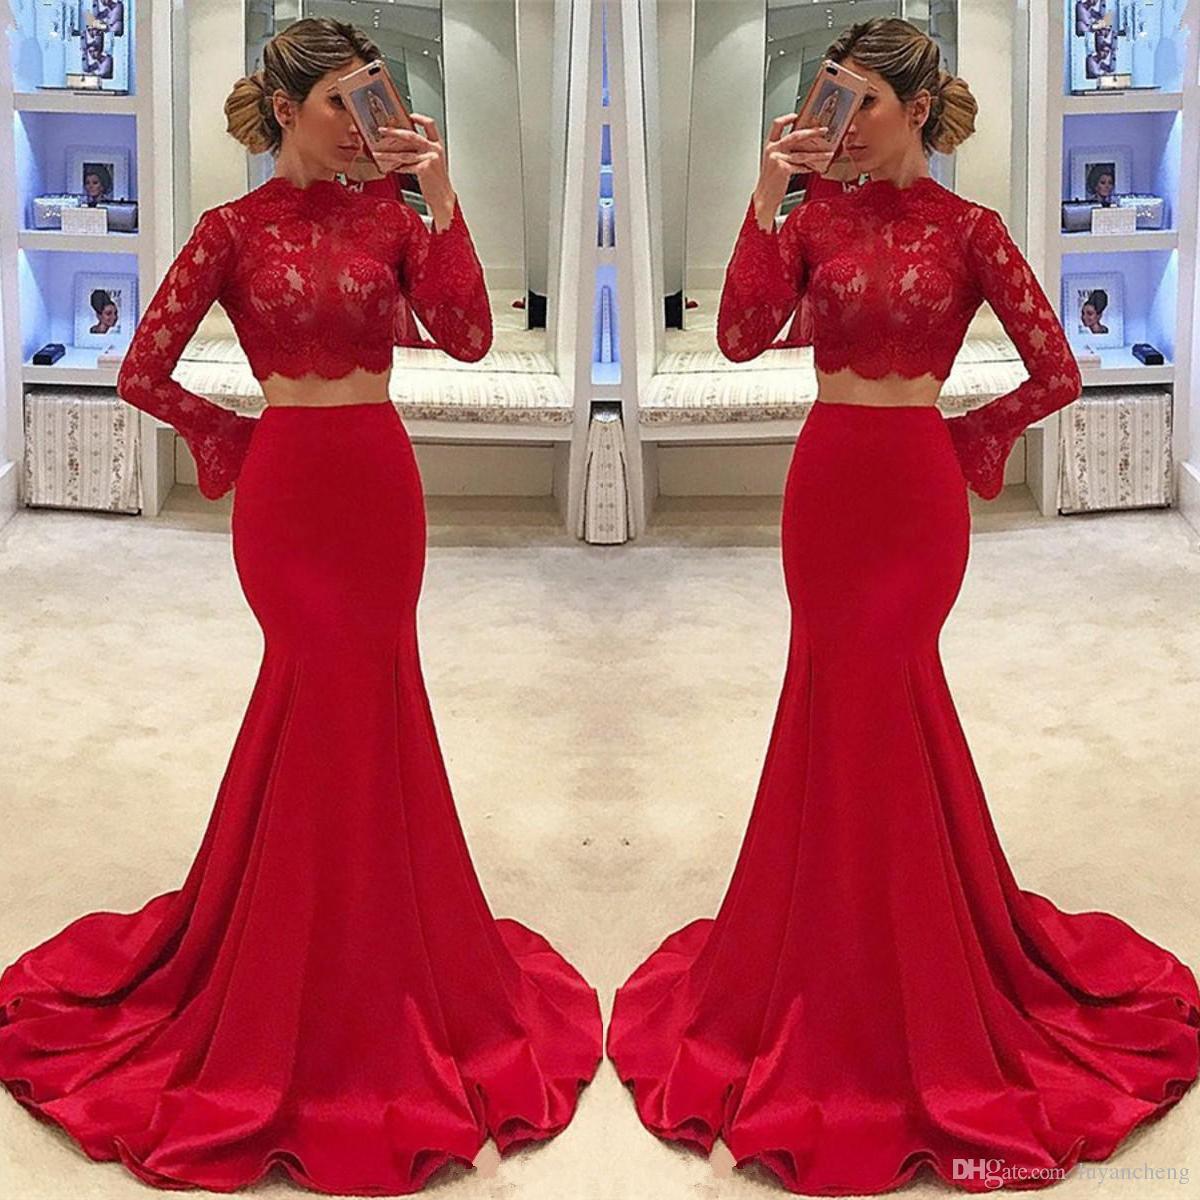 41ad36933a6e Acquista 2018 Glamorous Mermaid Abiti Da Sera Lunghi 2018 Sexy Collo Alto  Maniche Lunghe 2 Pezzi Pizzo Rosso Vestito Da Promenade Formale Abiti Da  Sera ...